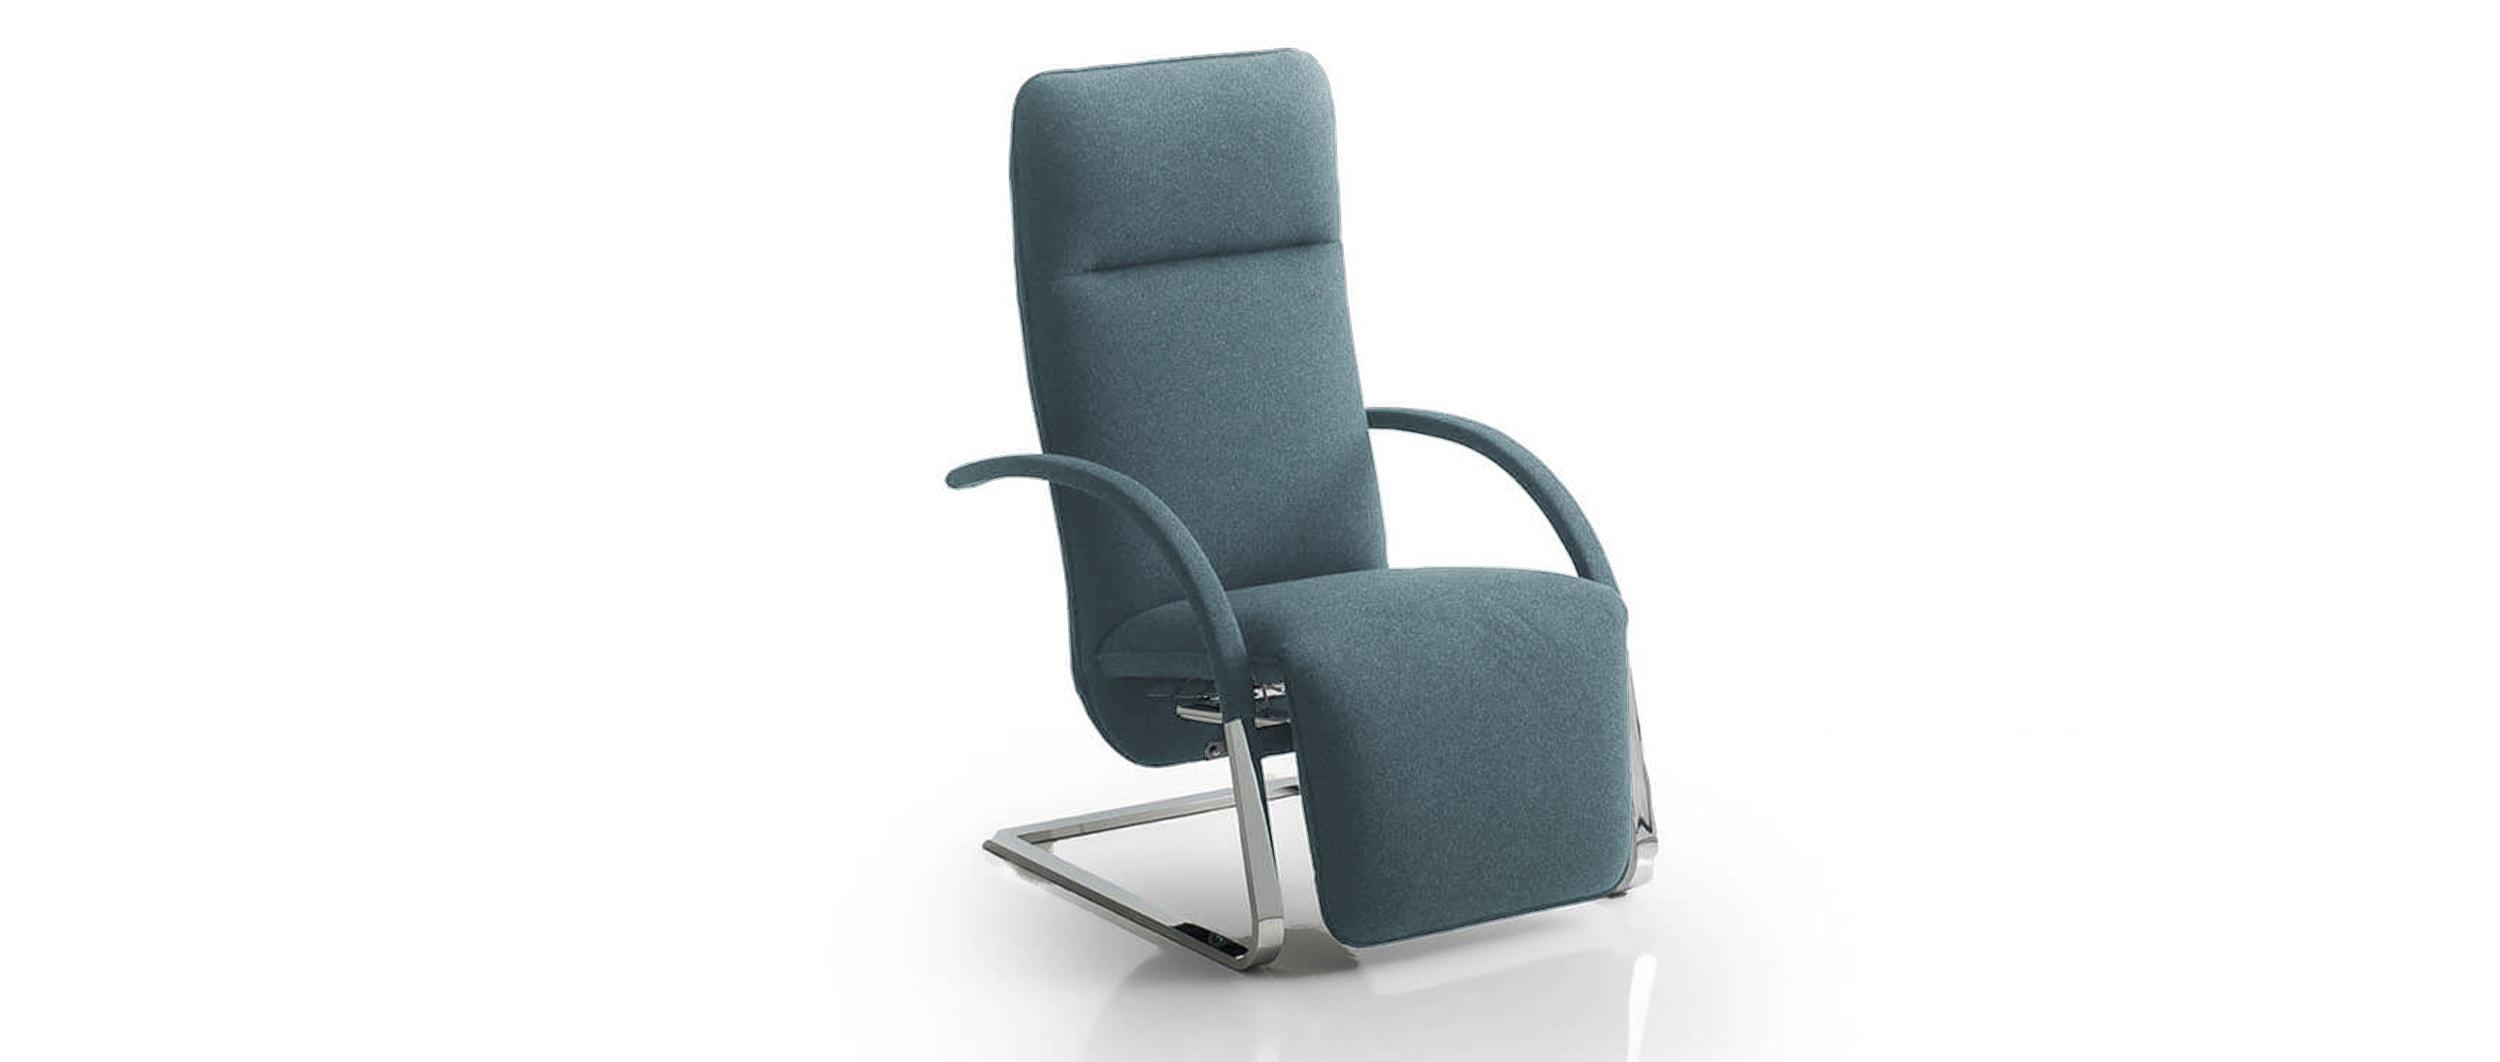 Relaxsessel FINO von Franz Fertig in blau mit Flachstahl Gestell. FINO XL hat eine höhere Rückenlehne.